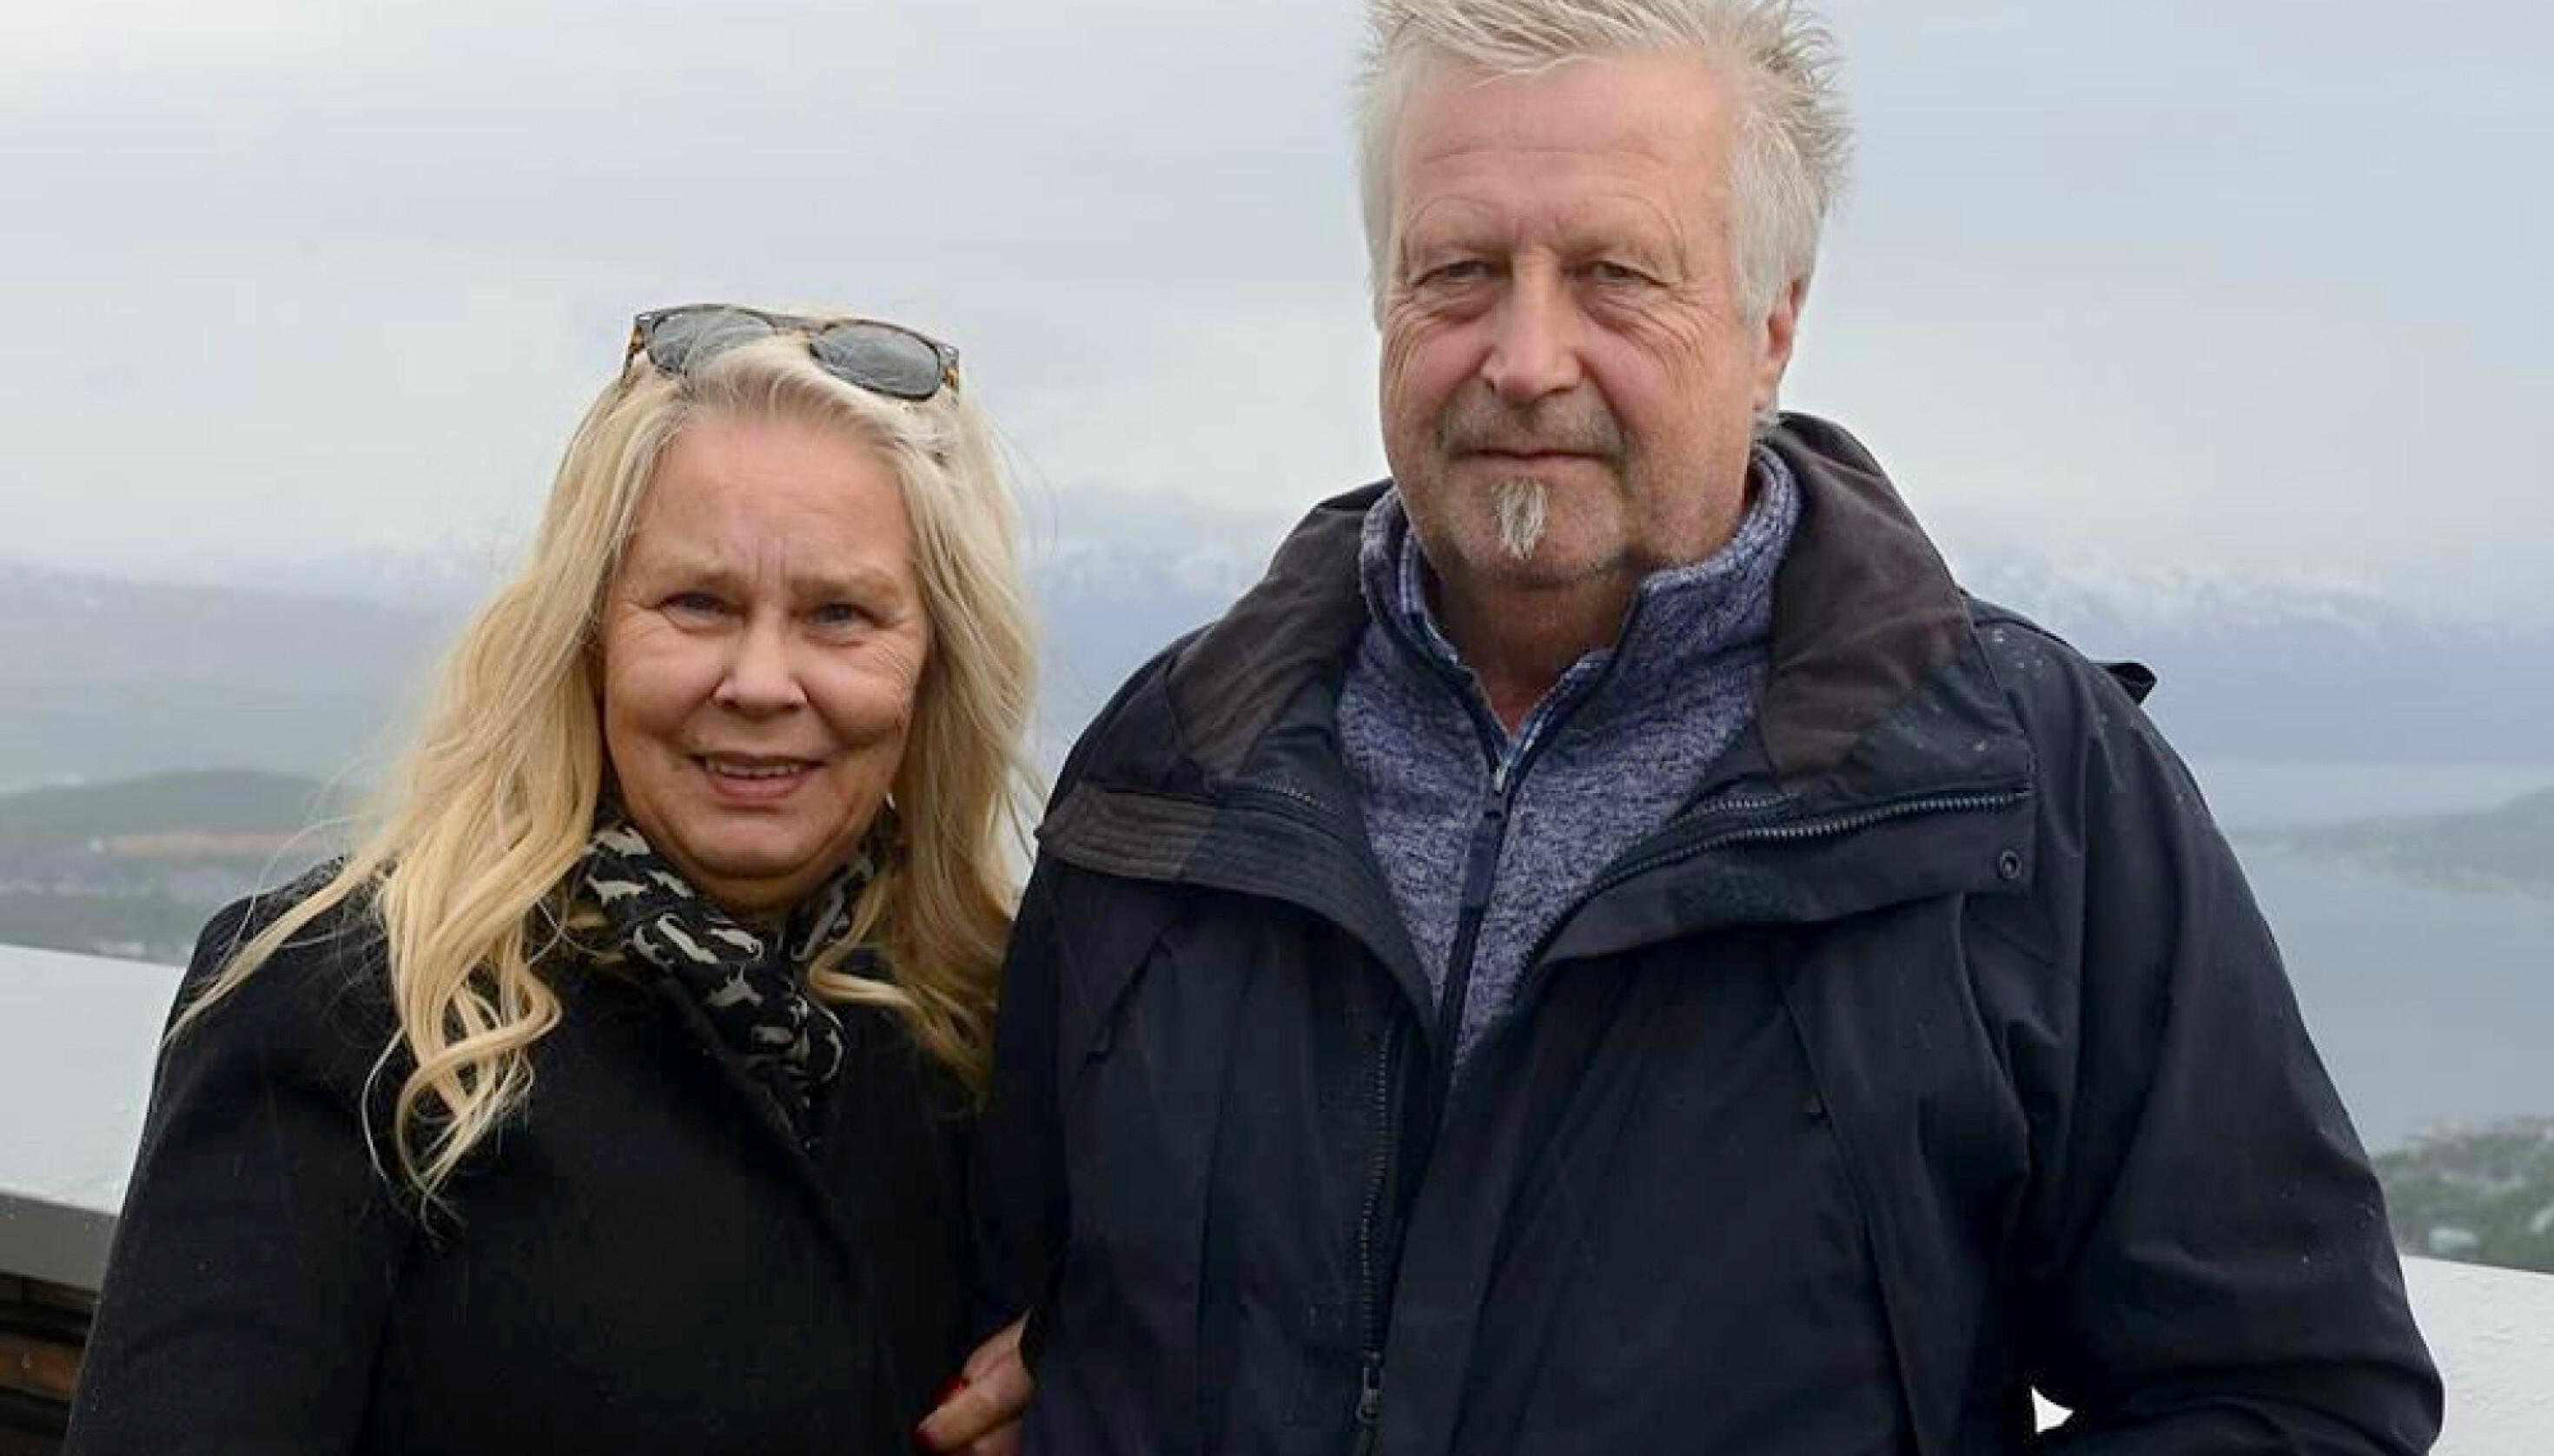 SOMMEREN 2018: Ektemannen, Erik (65), har vært en viktig støttespiller for Gry. Her er de to avbildet i sommer, rett før Gry skulle legges inn på sykehuset til ny behandling. Foto: Privat.